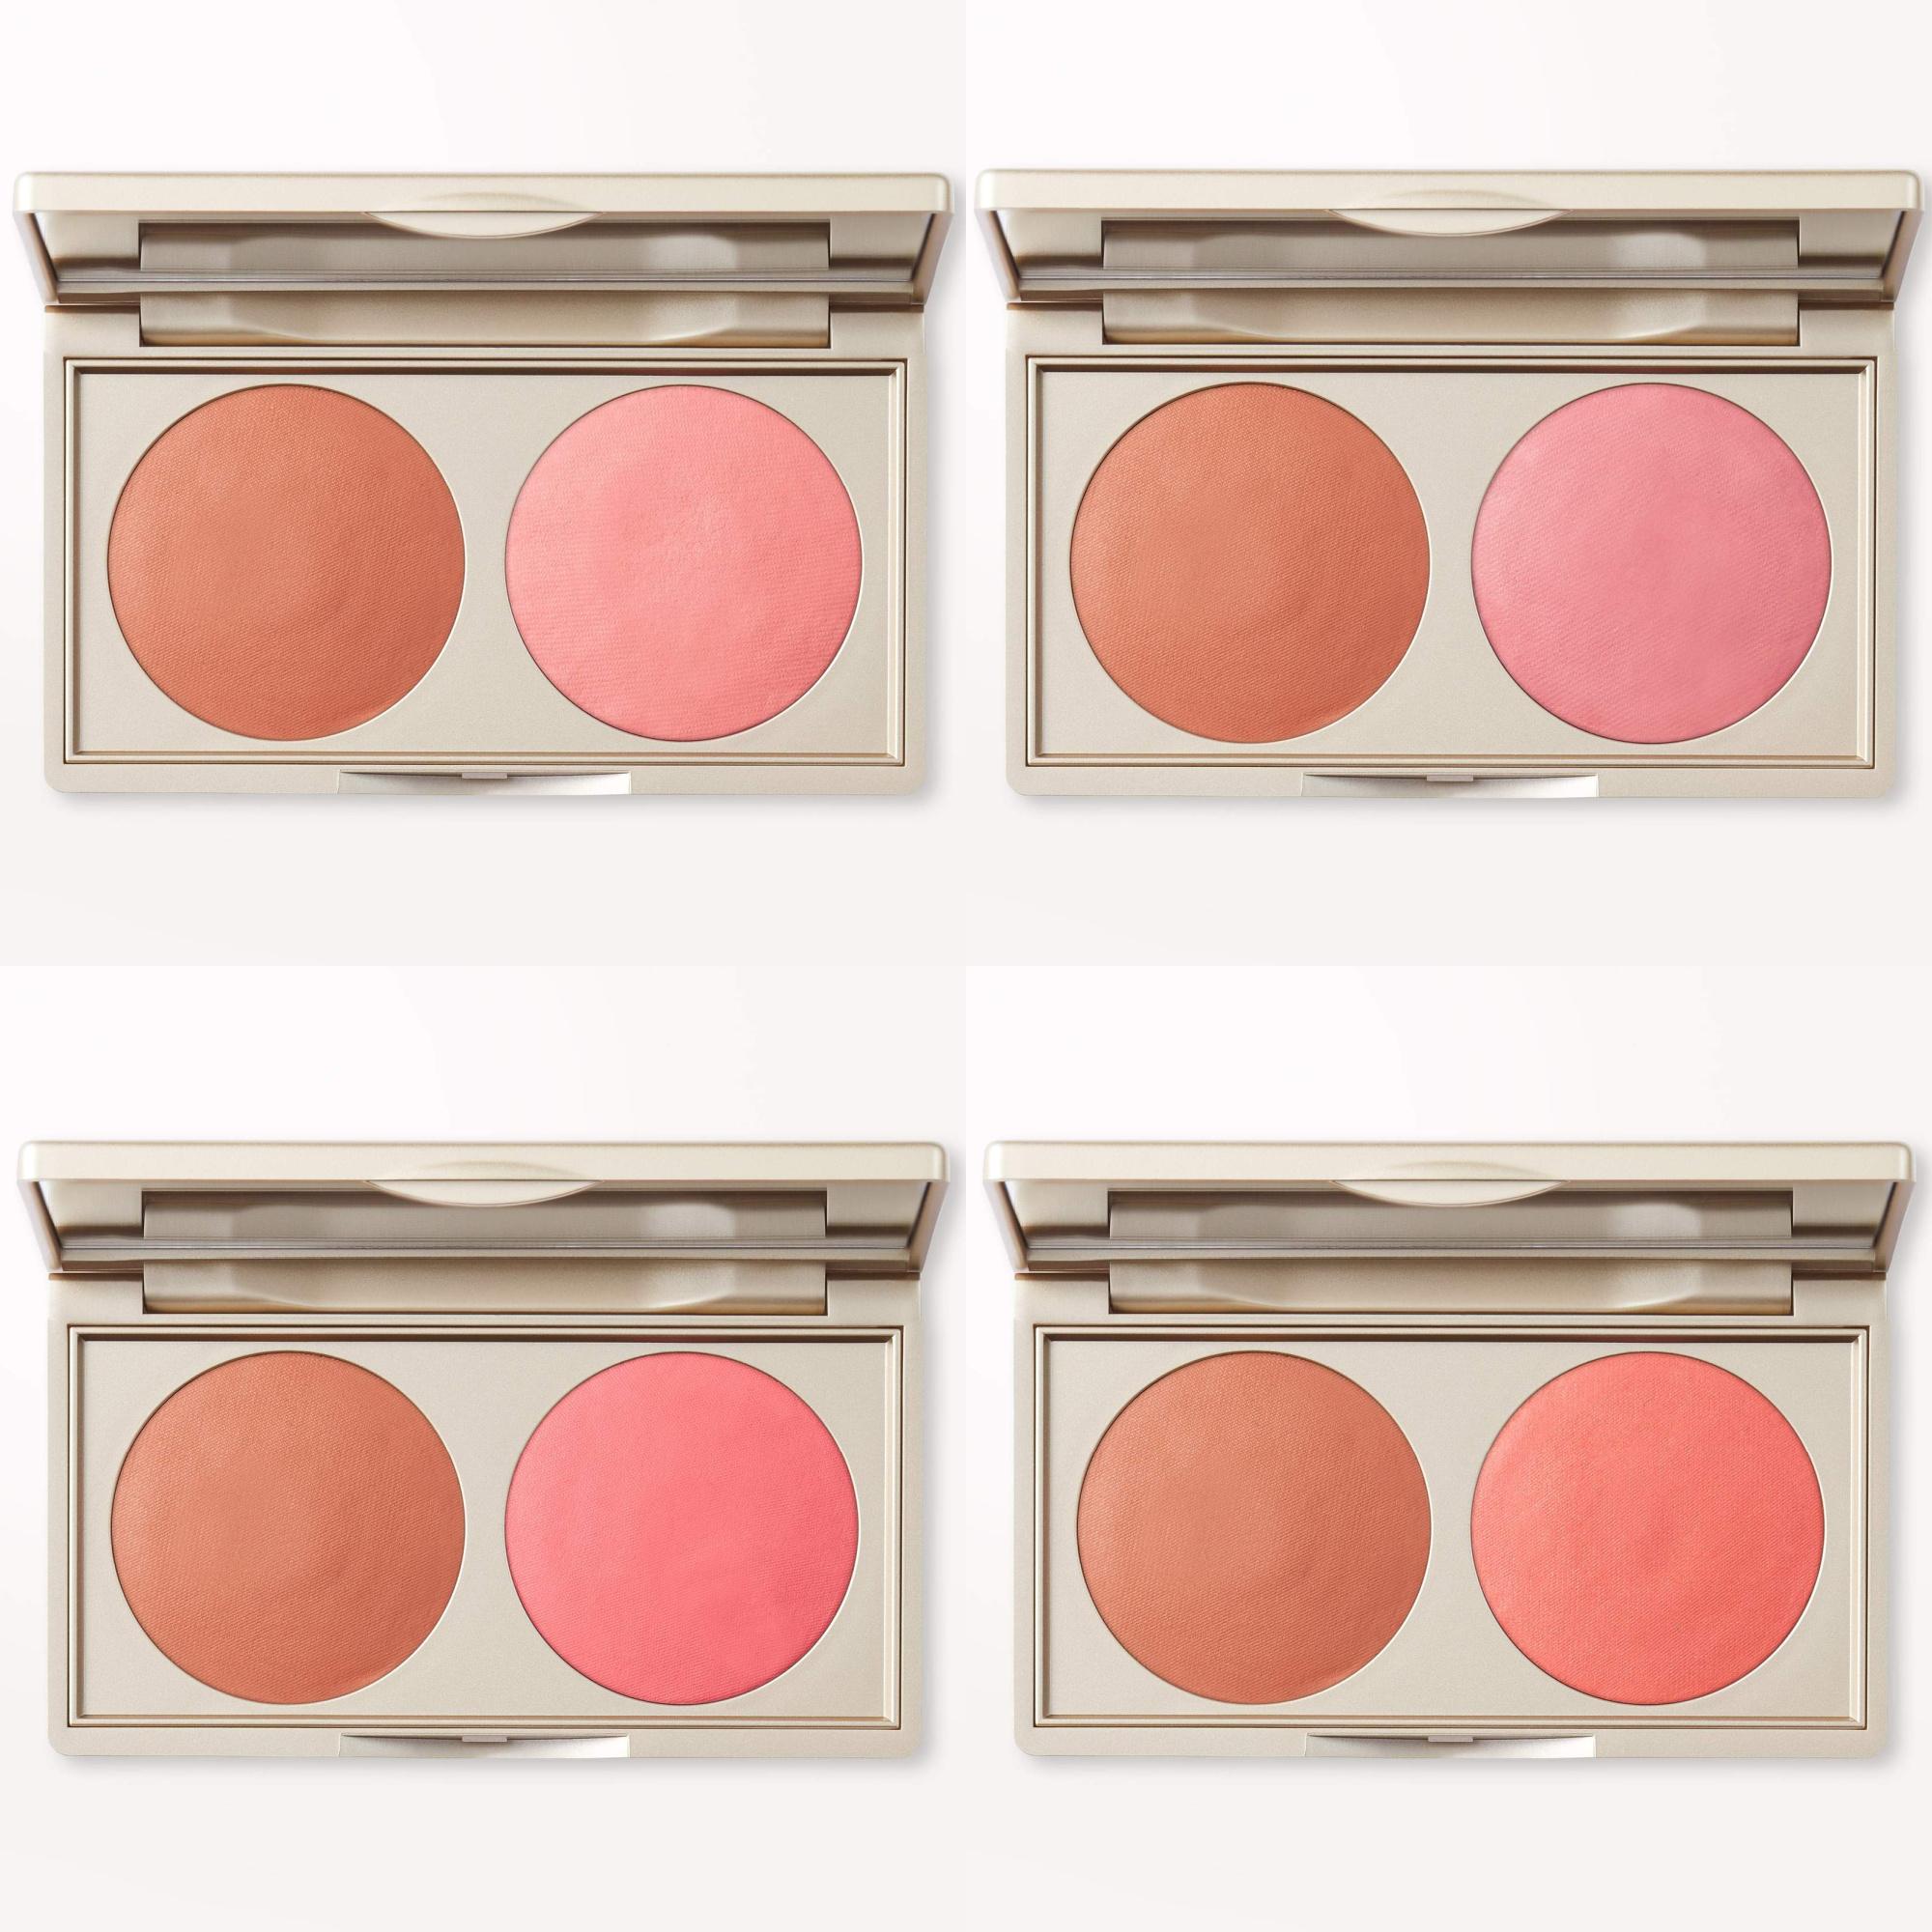 Stila Putty Blush Bronzer Duo Collection